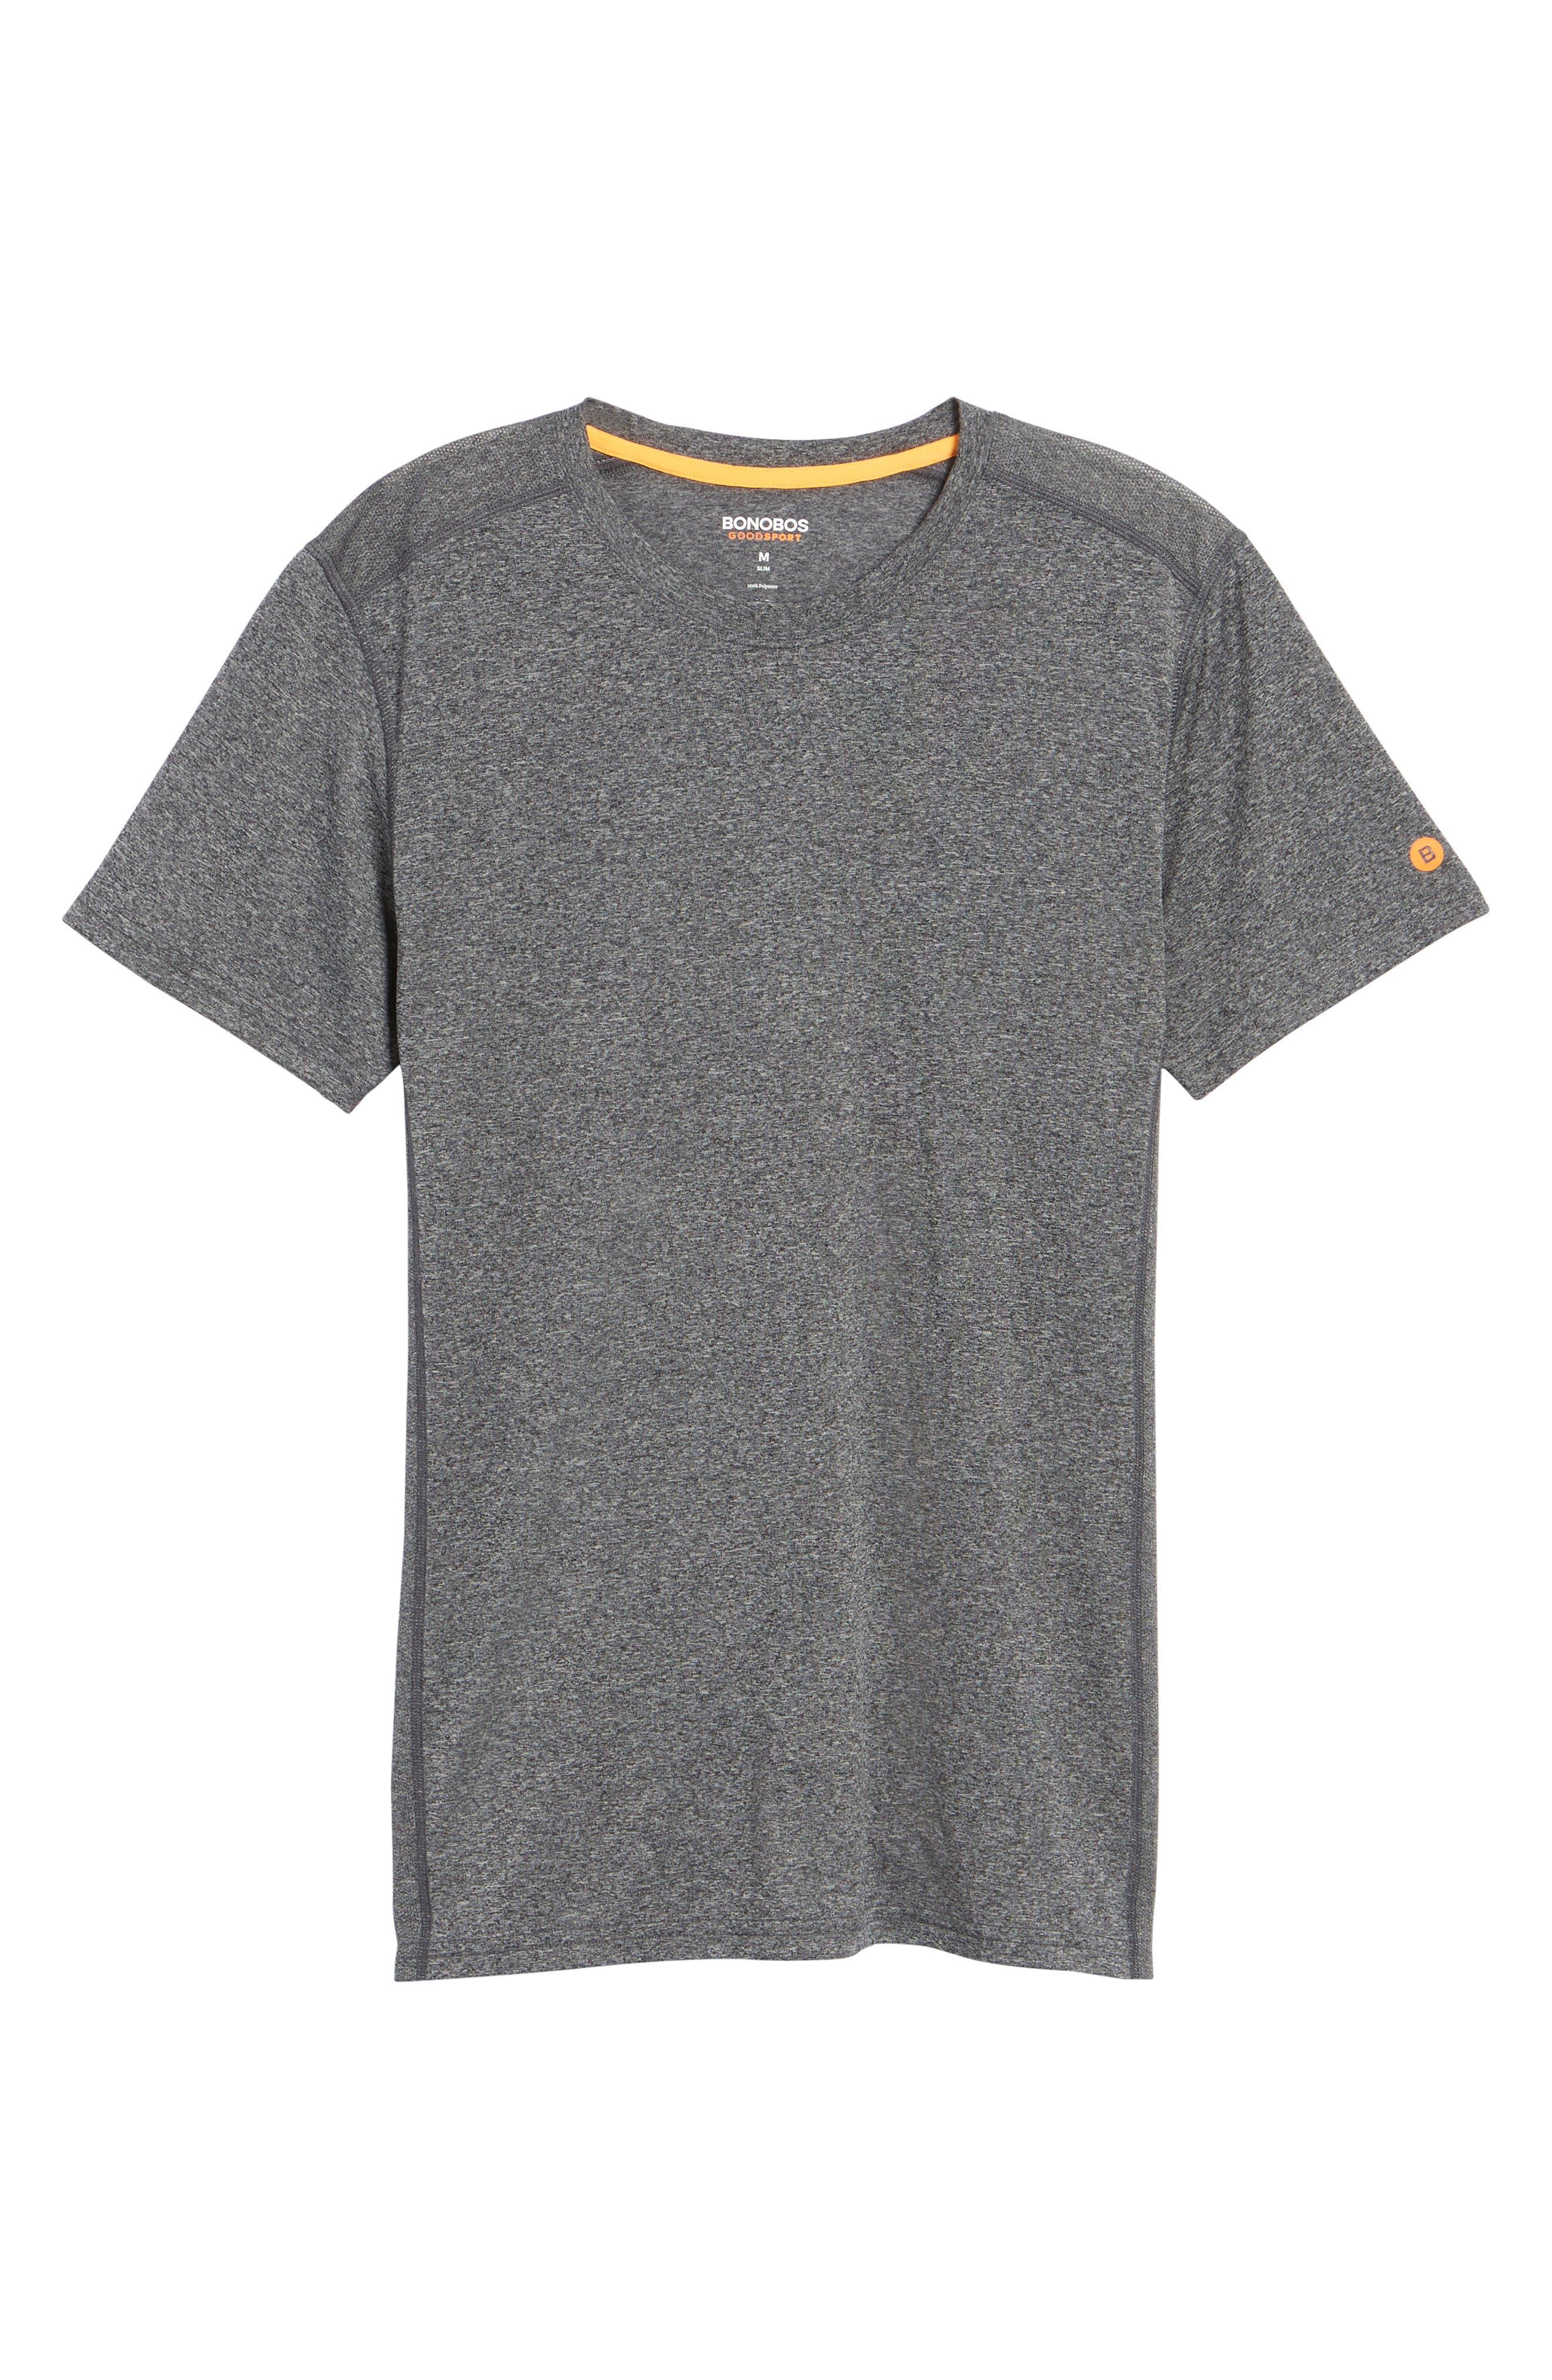 Goodsport Mesh Panel T-Shirt,                             Alternate thumbnail 32, color,